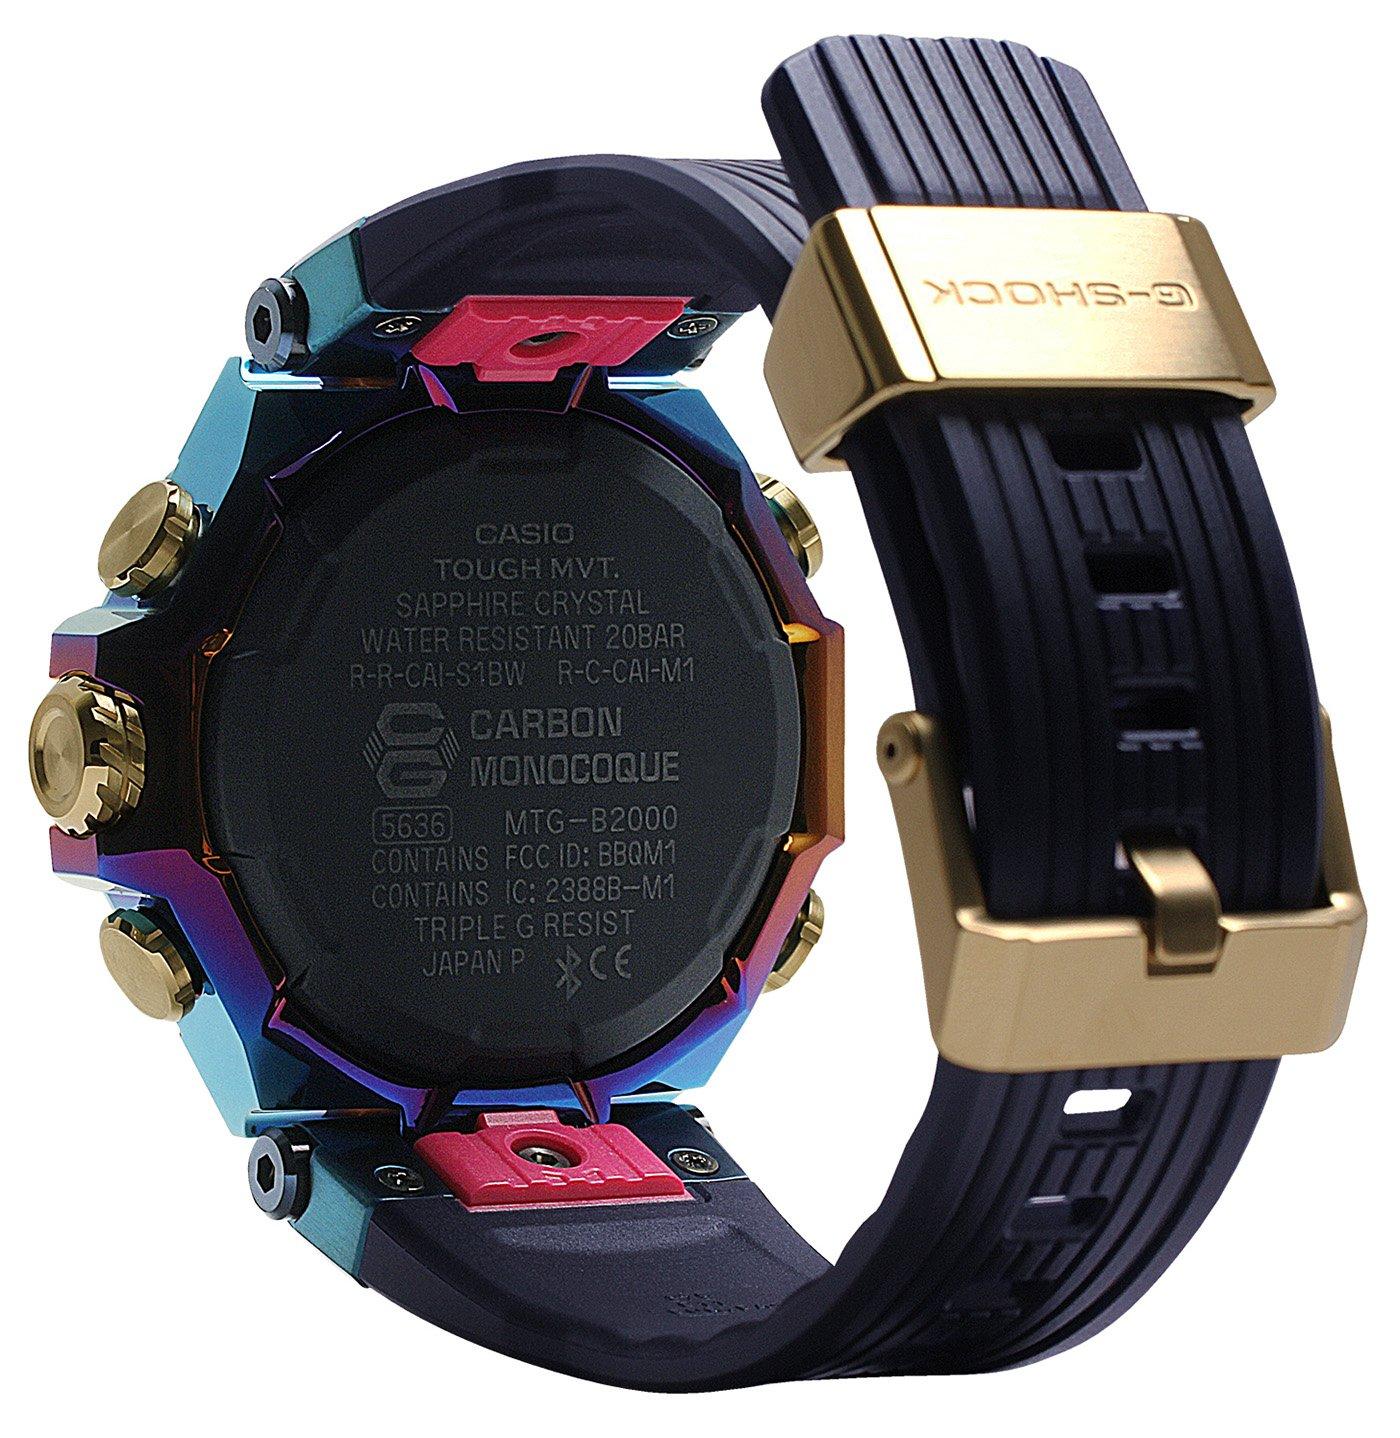 Casio выпускает ограниченную серию часов G-Shock MT-G MTGB2000PH2A Blue Phoenix